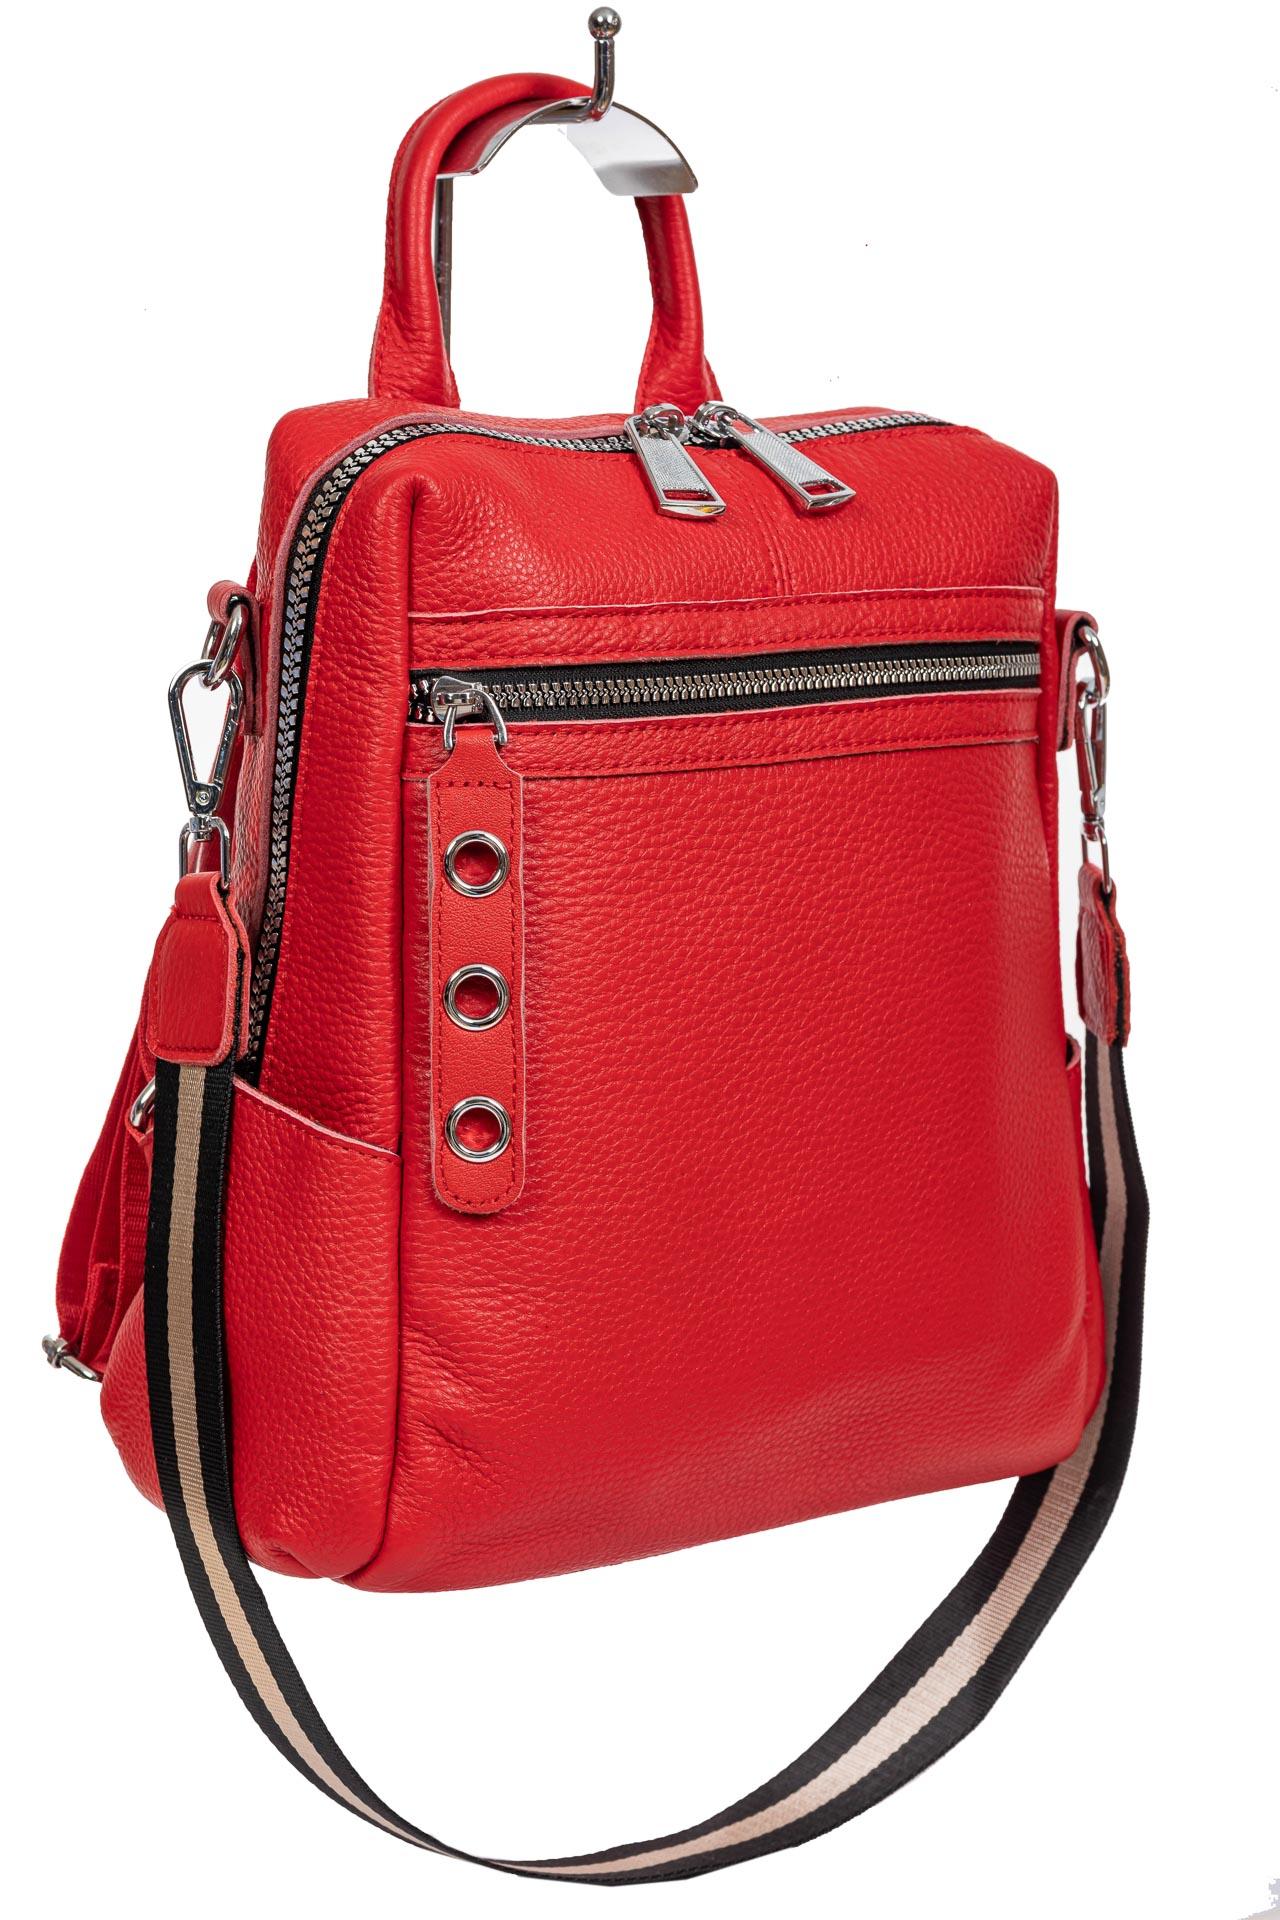 Молодёжная сумка-рюкзак из фактурной натуральной кожи, цвет красный